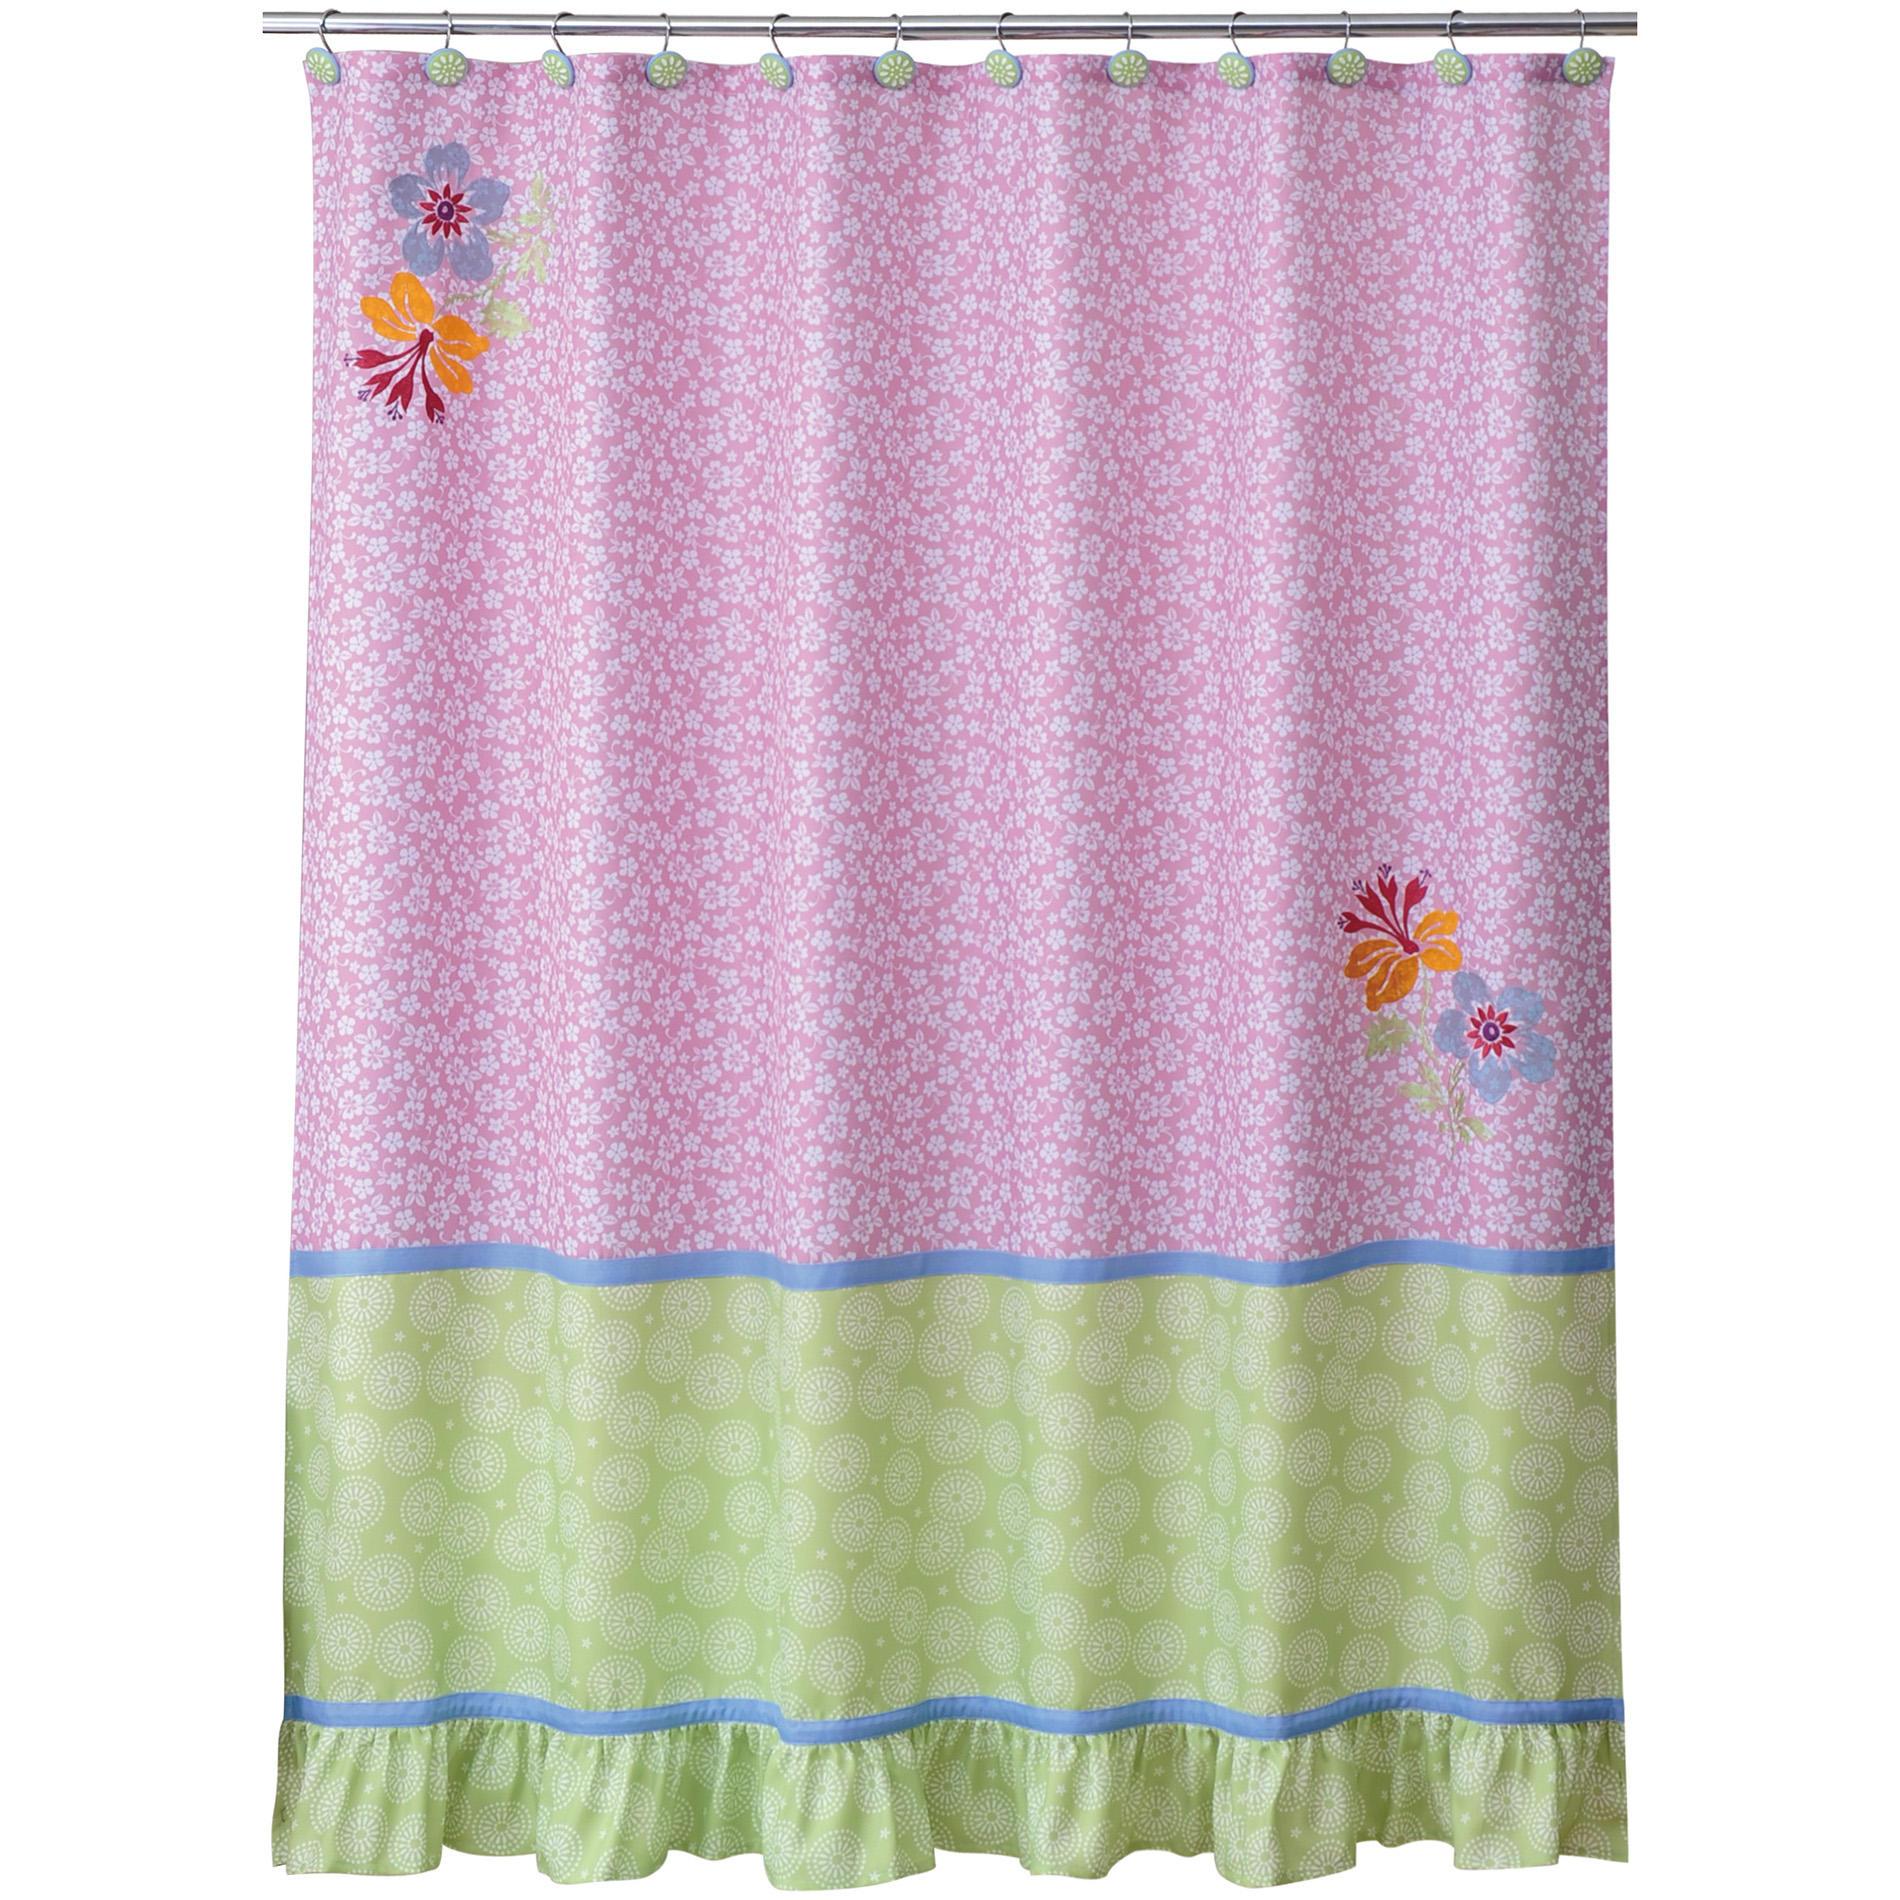 Allure Lizzie Shower Curtain